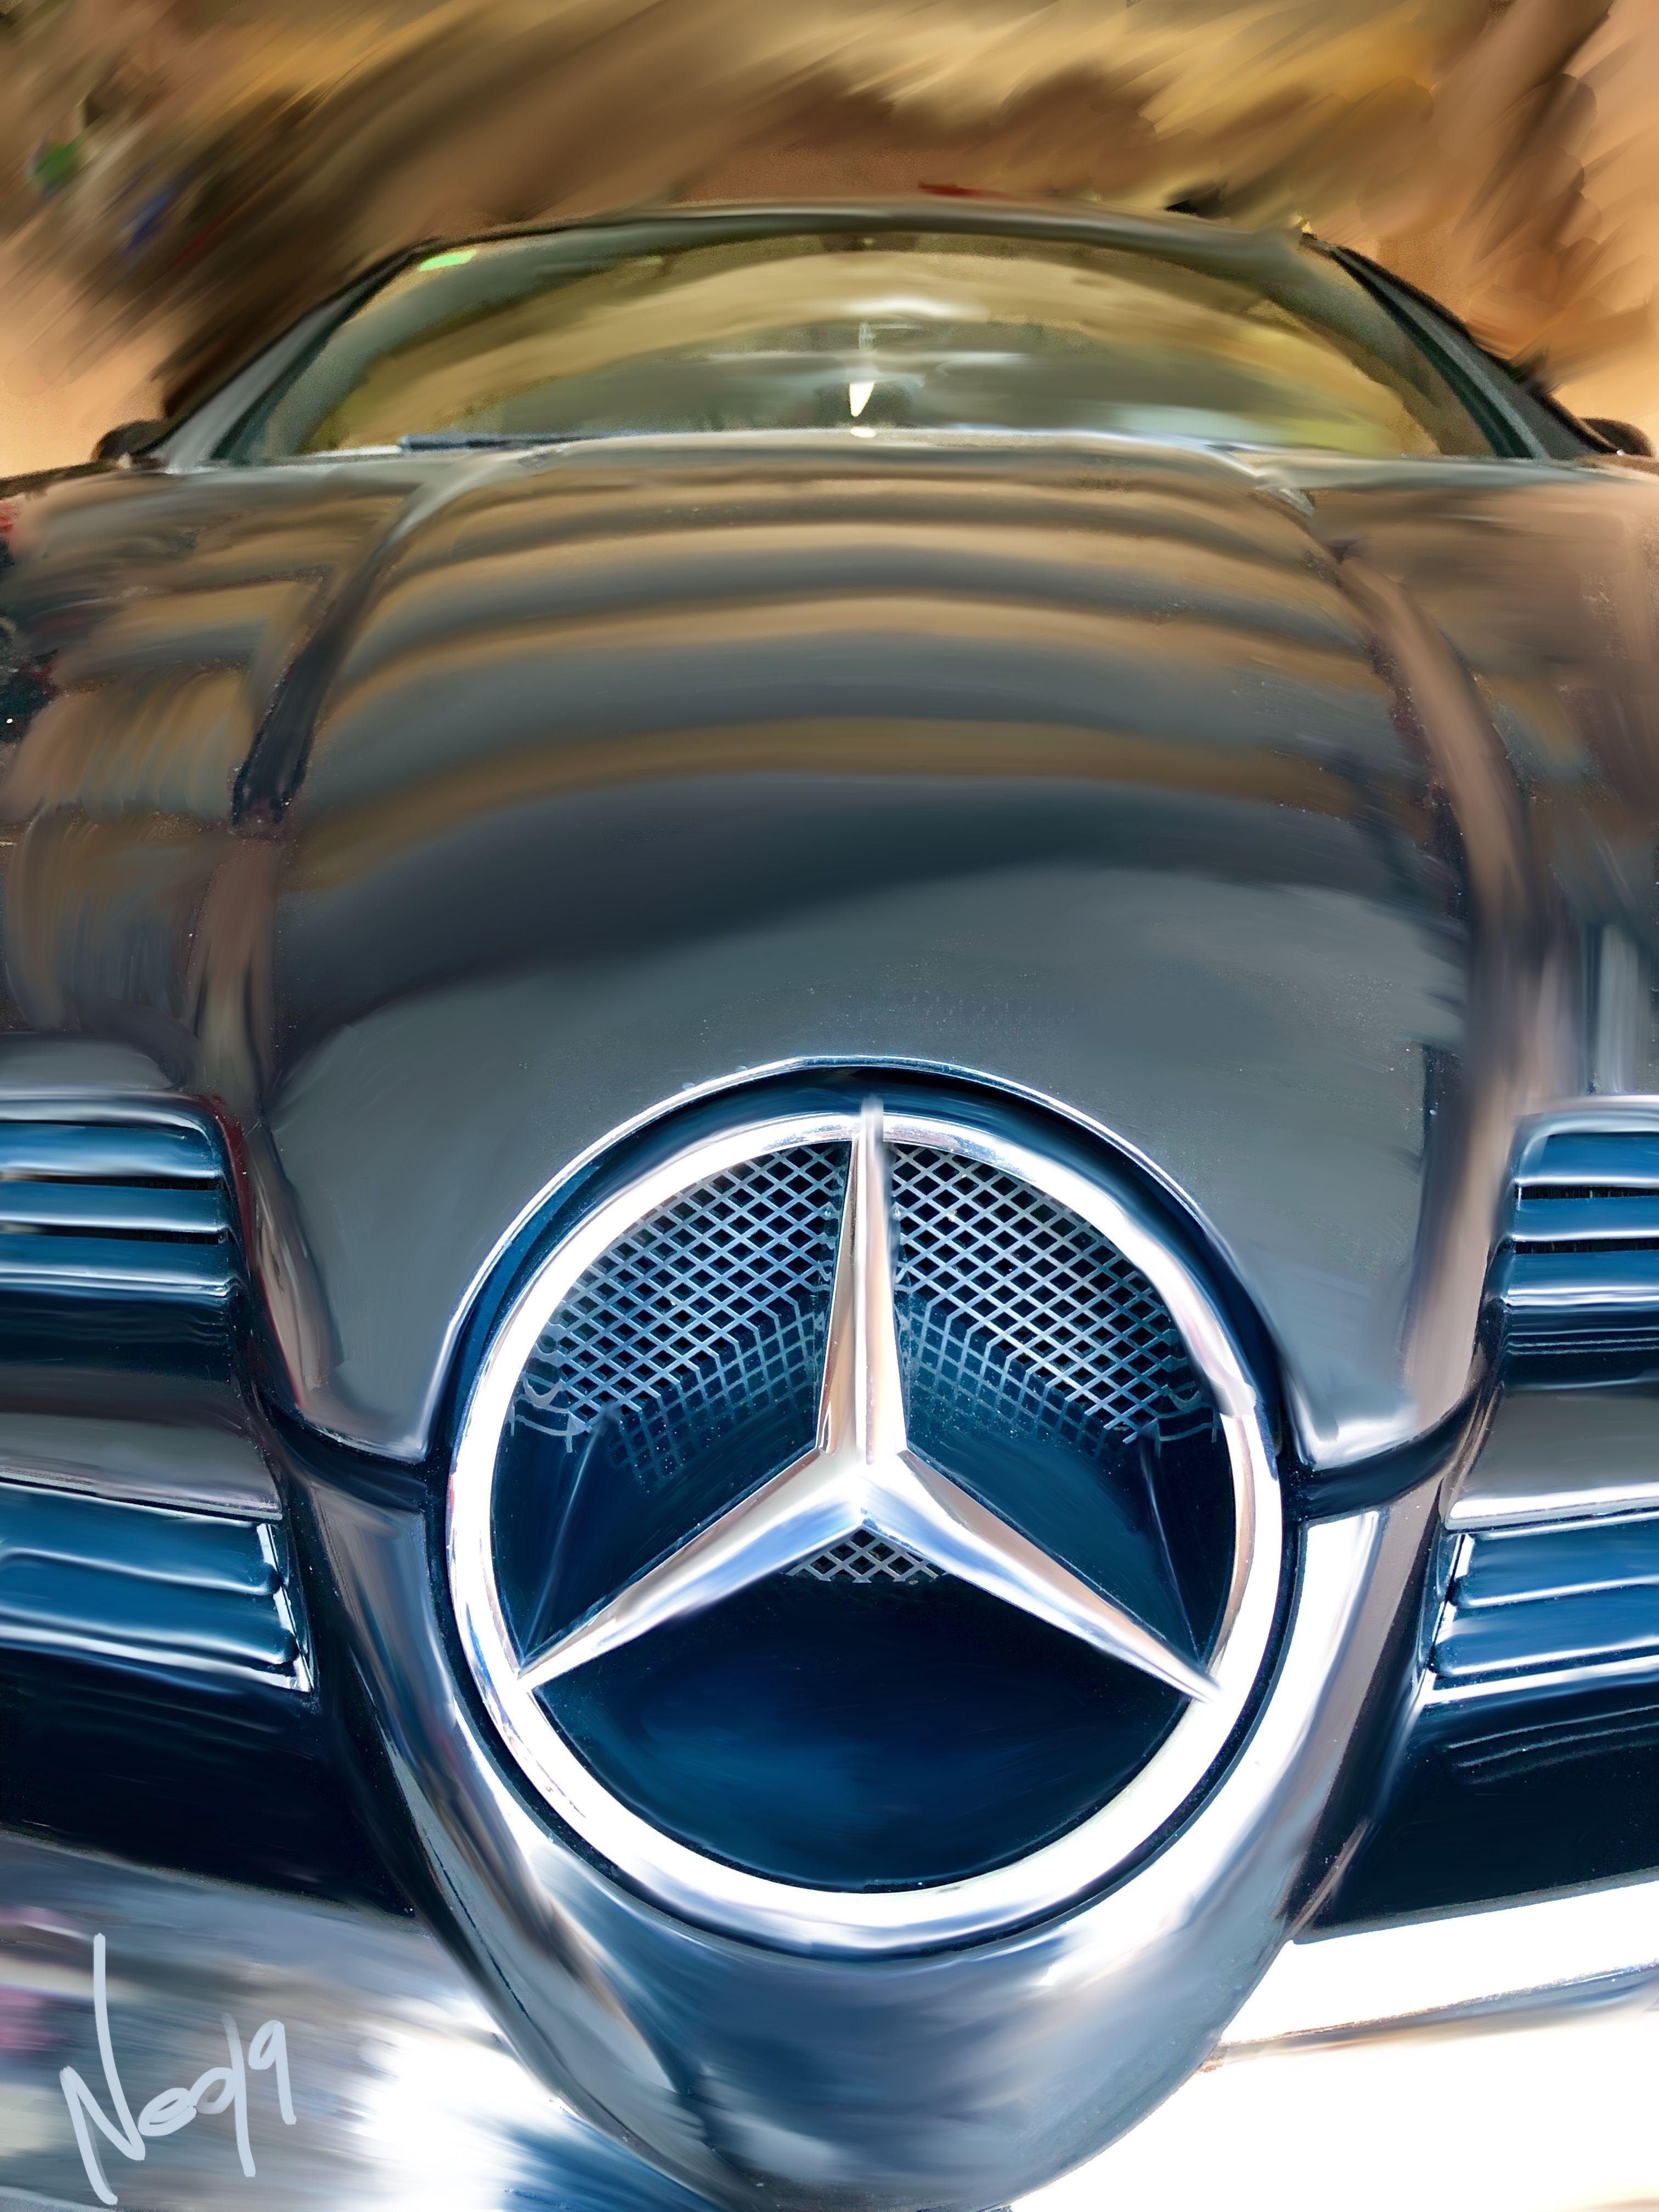 Slk R171 Mercedes Benz Roadster Med Bilder